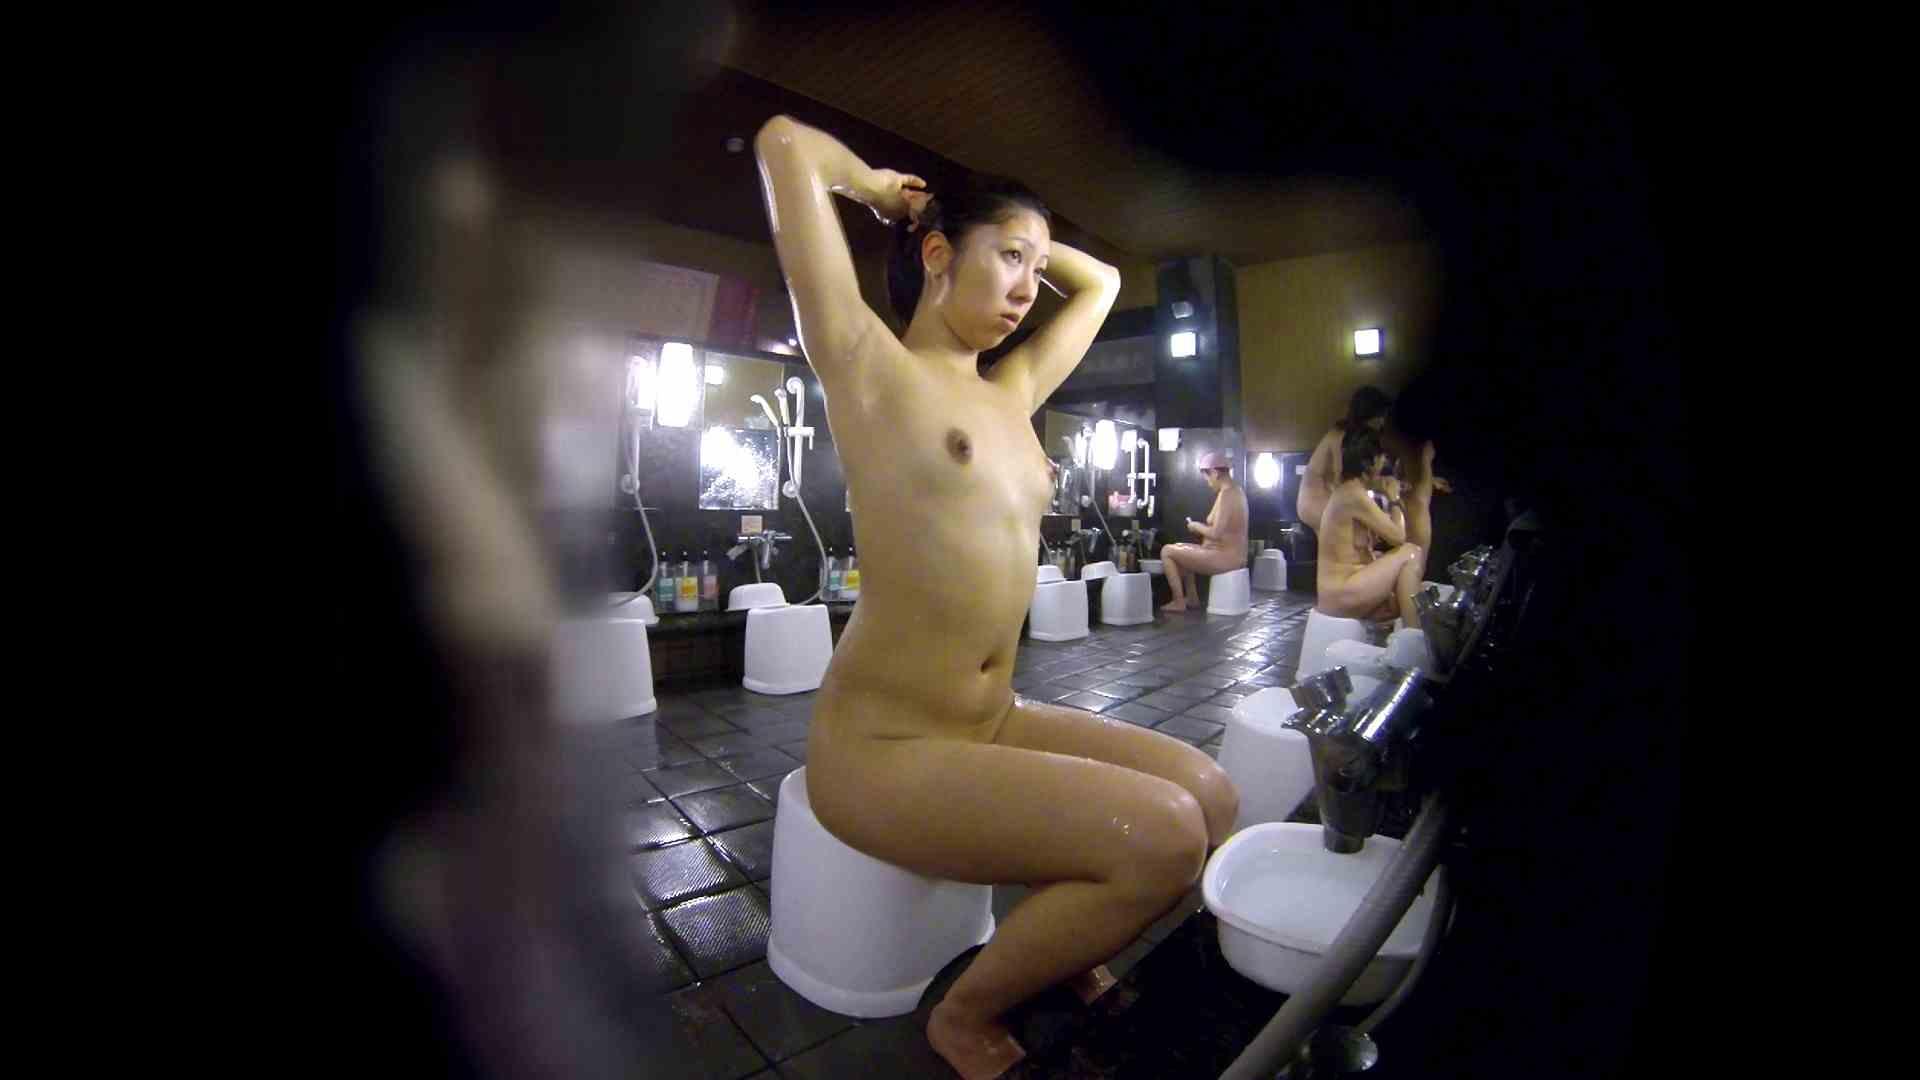 洗い場!綺麗に整えられた陰毛に嫉妬します。 銭湯着替え おめこ無修正動画無料 63画像 59